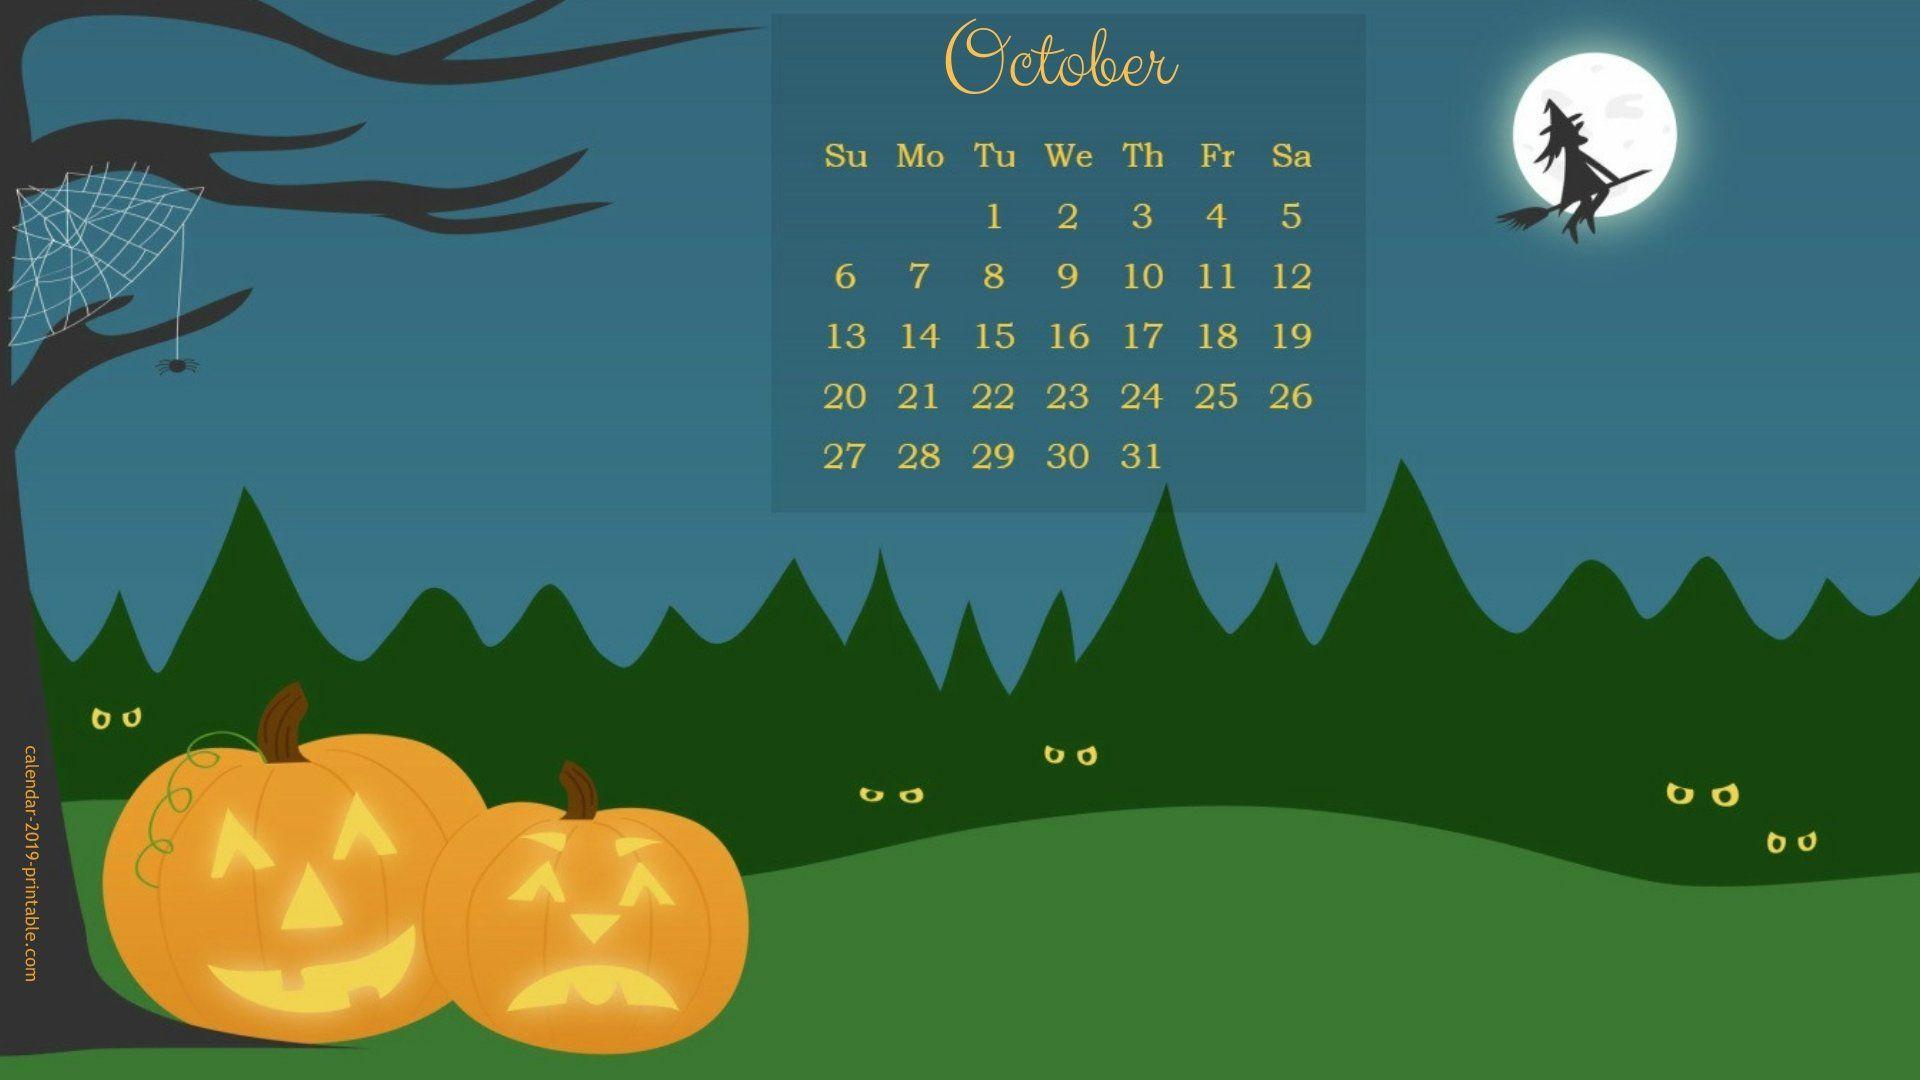 october 2019 calendar halloween wallpaper Calendar 2019 1920x1080